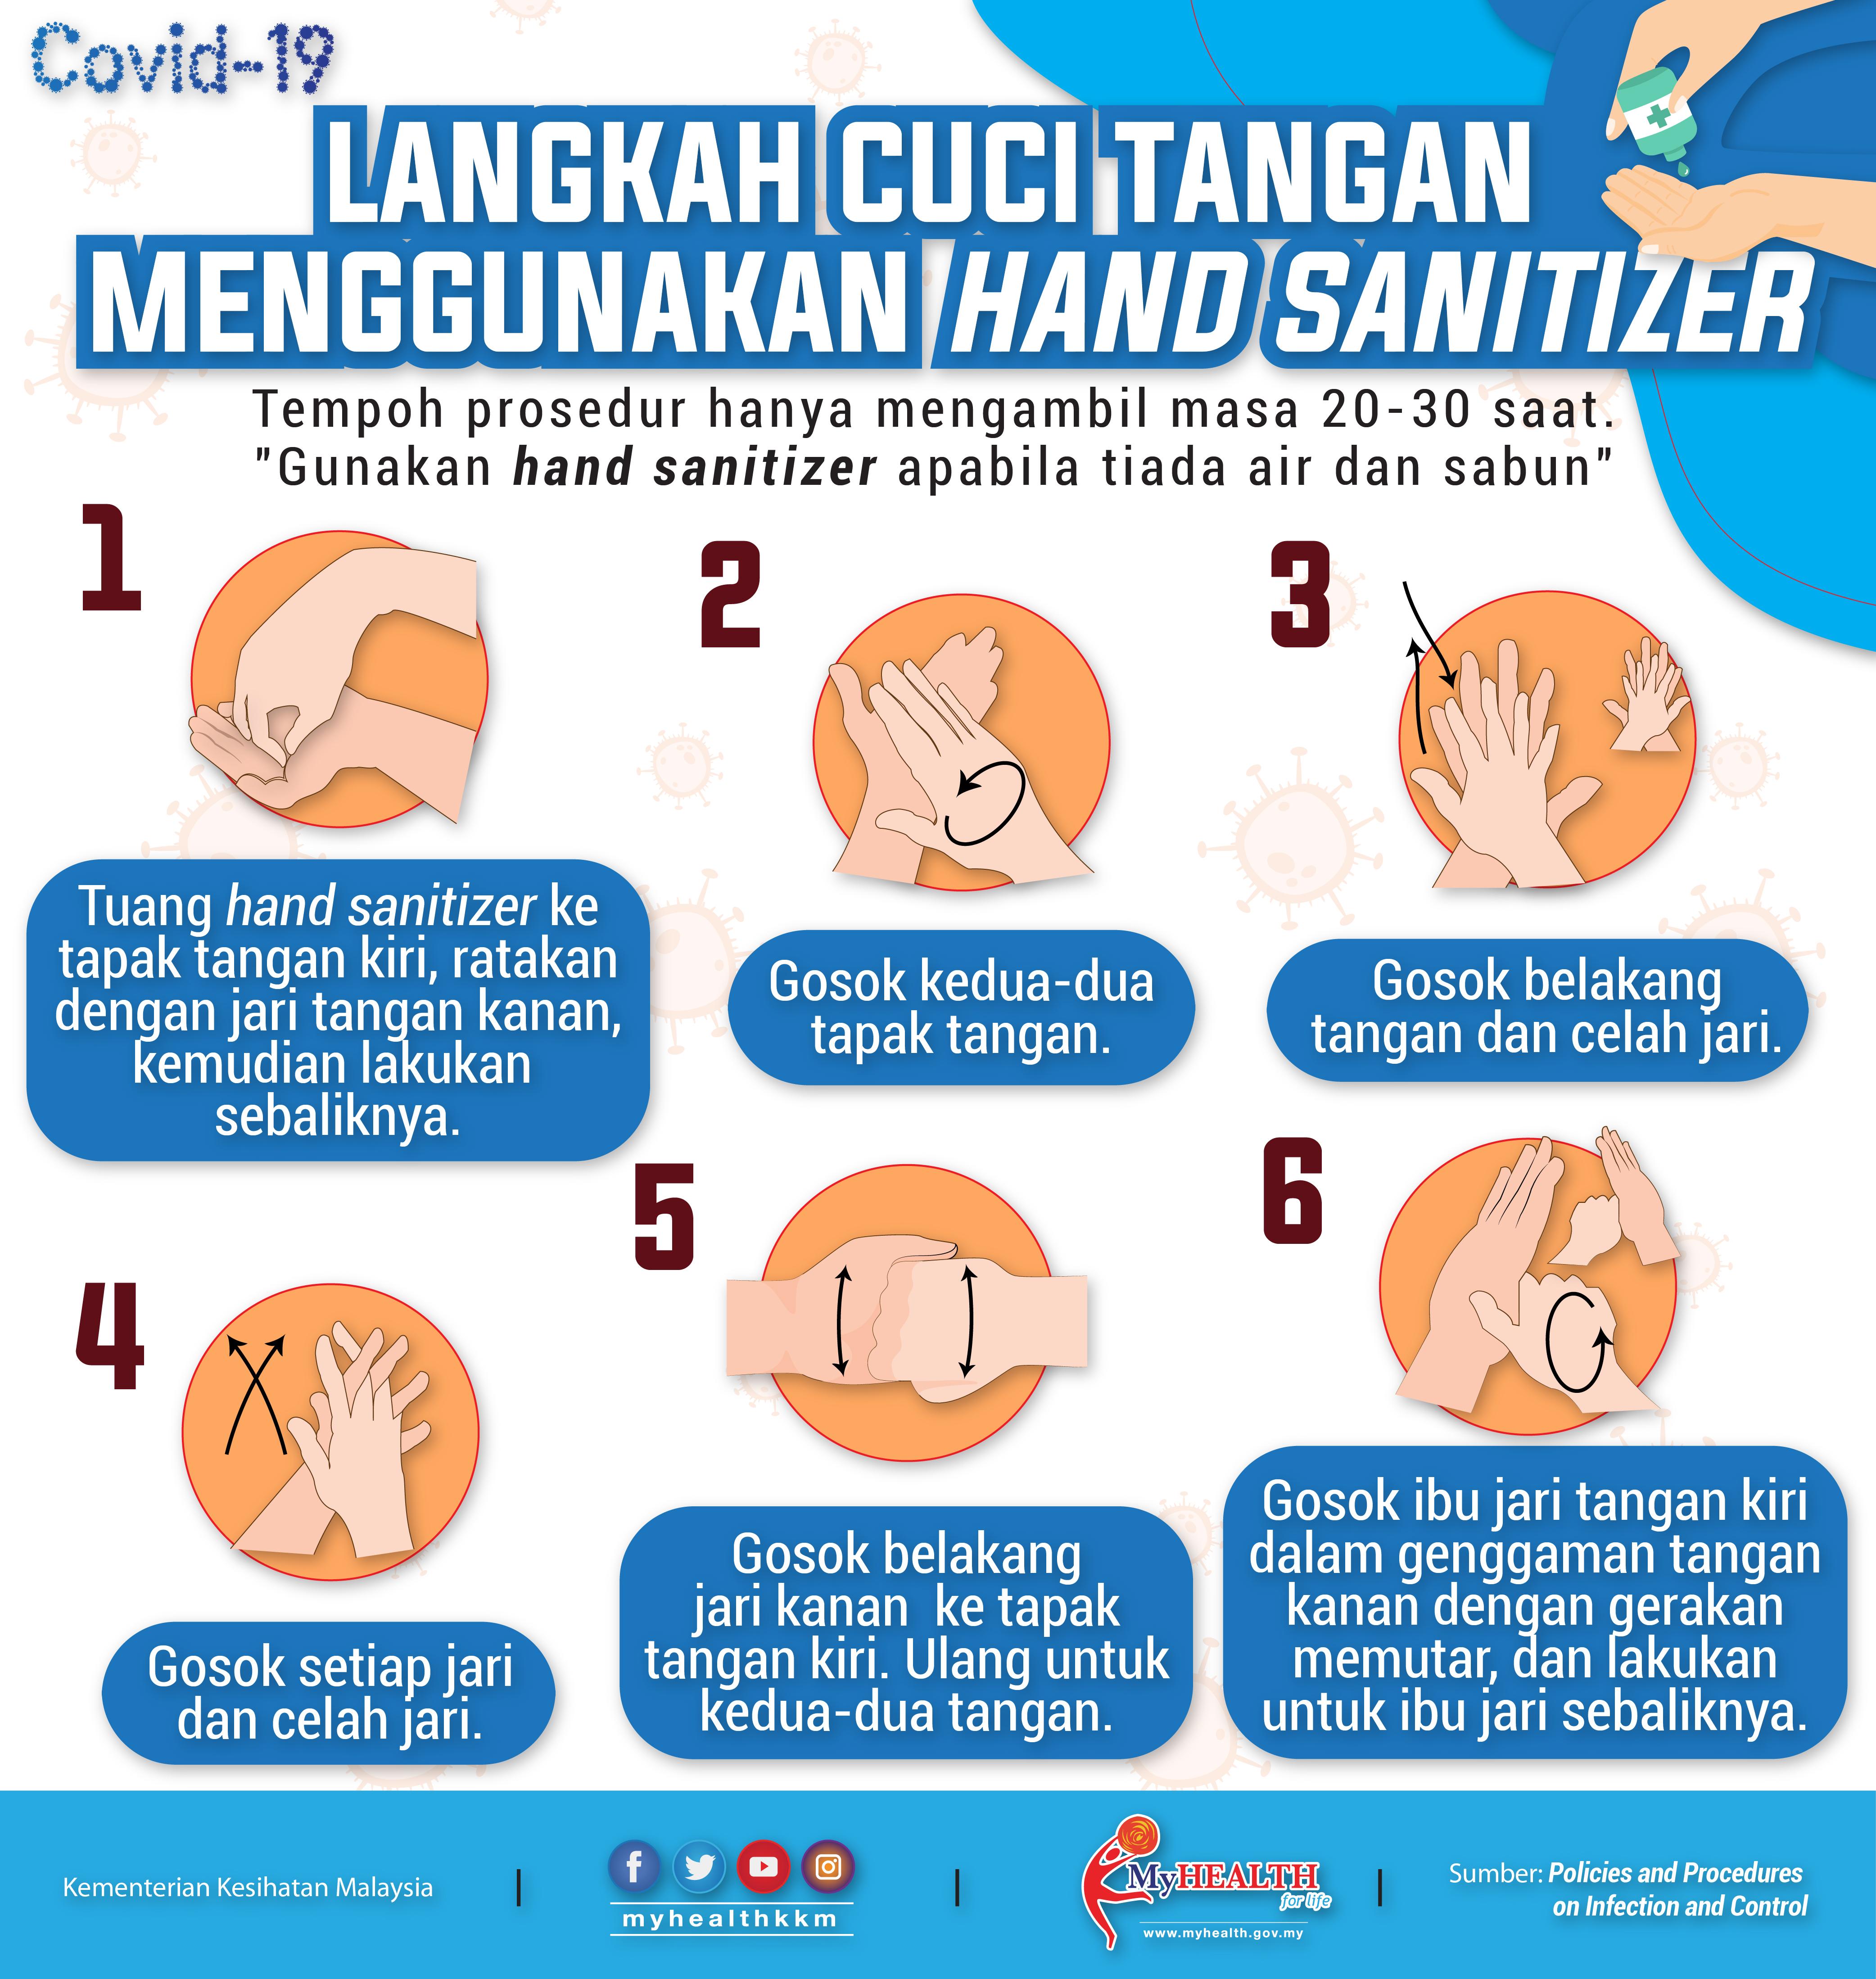 Langkah Cuci Tangan Menggunakan Hand Sanitizer